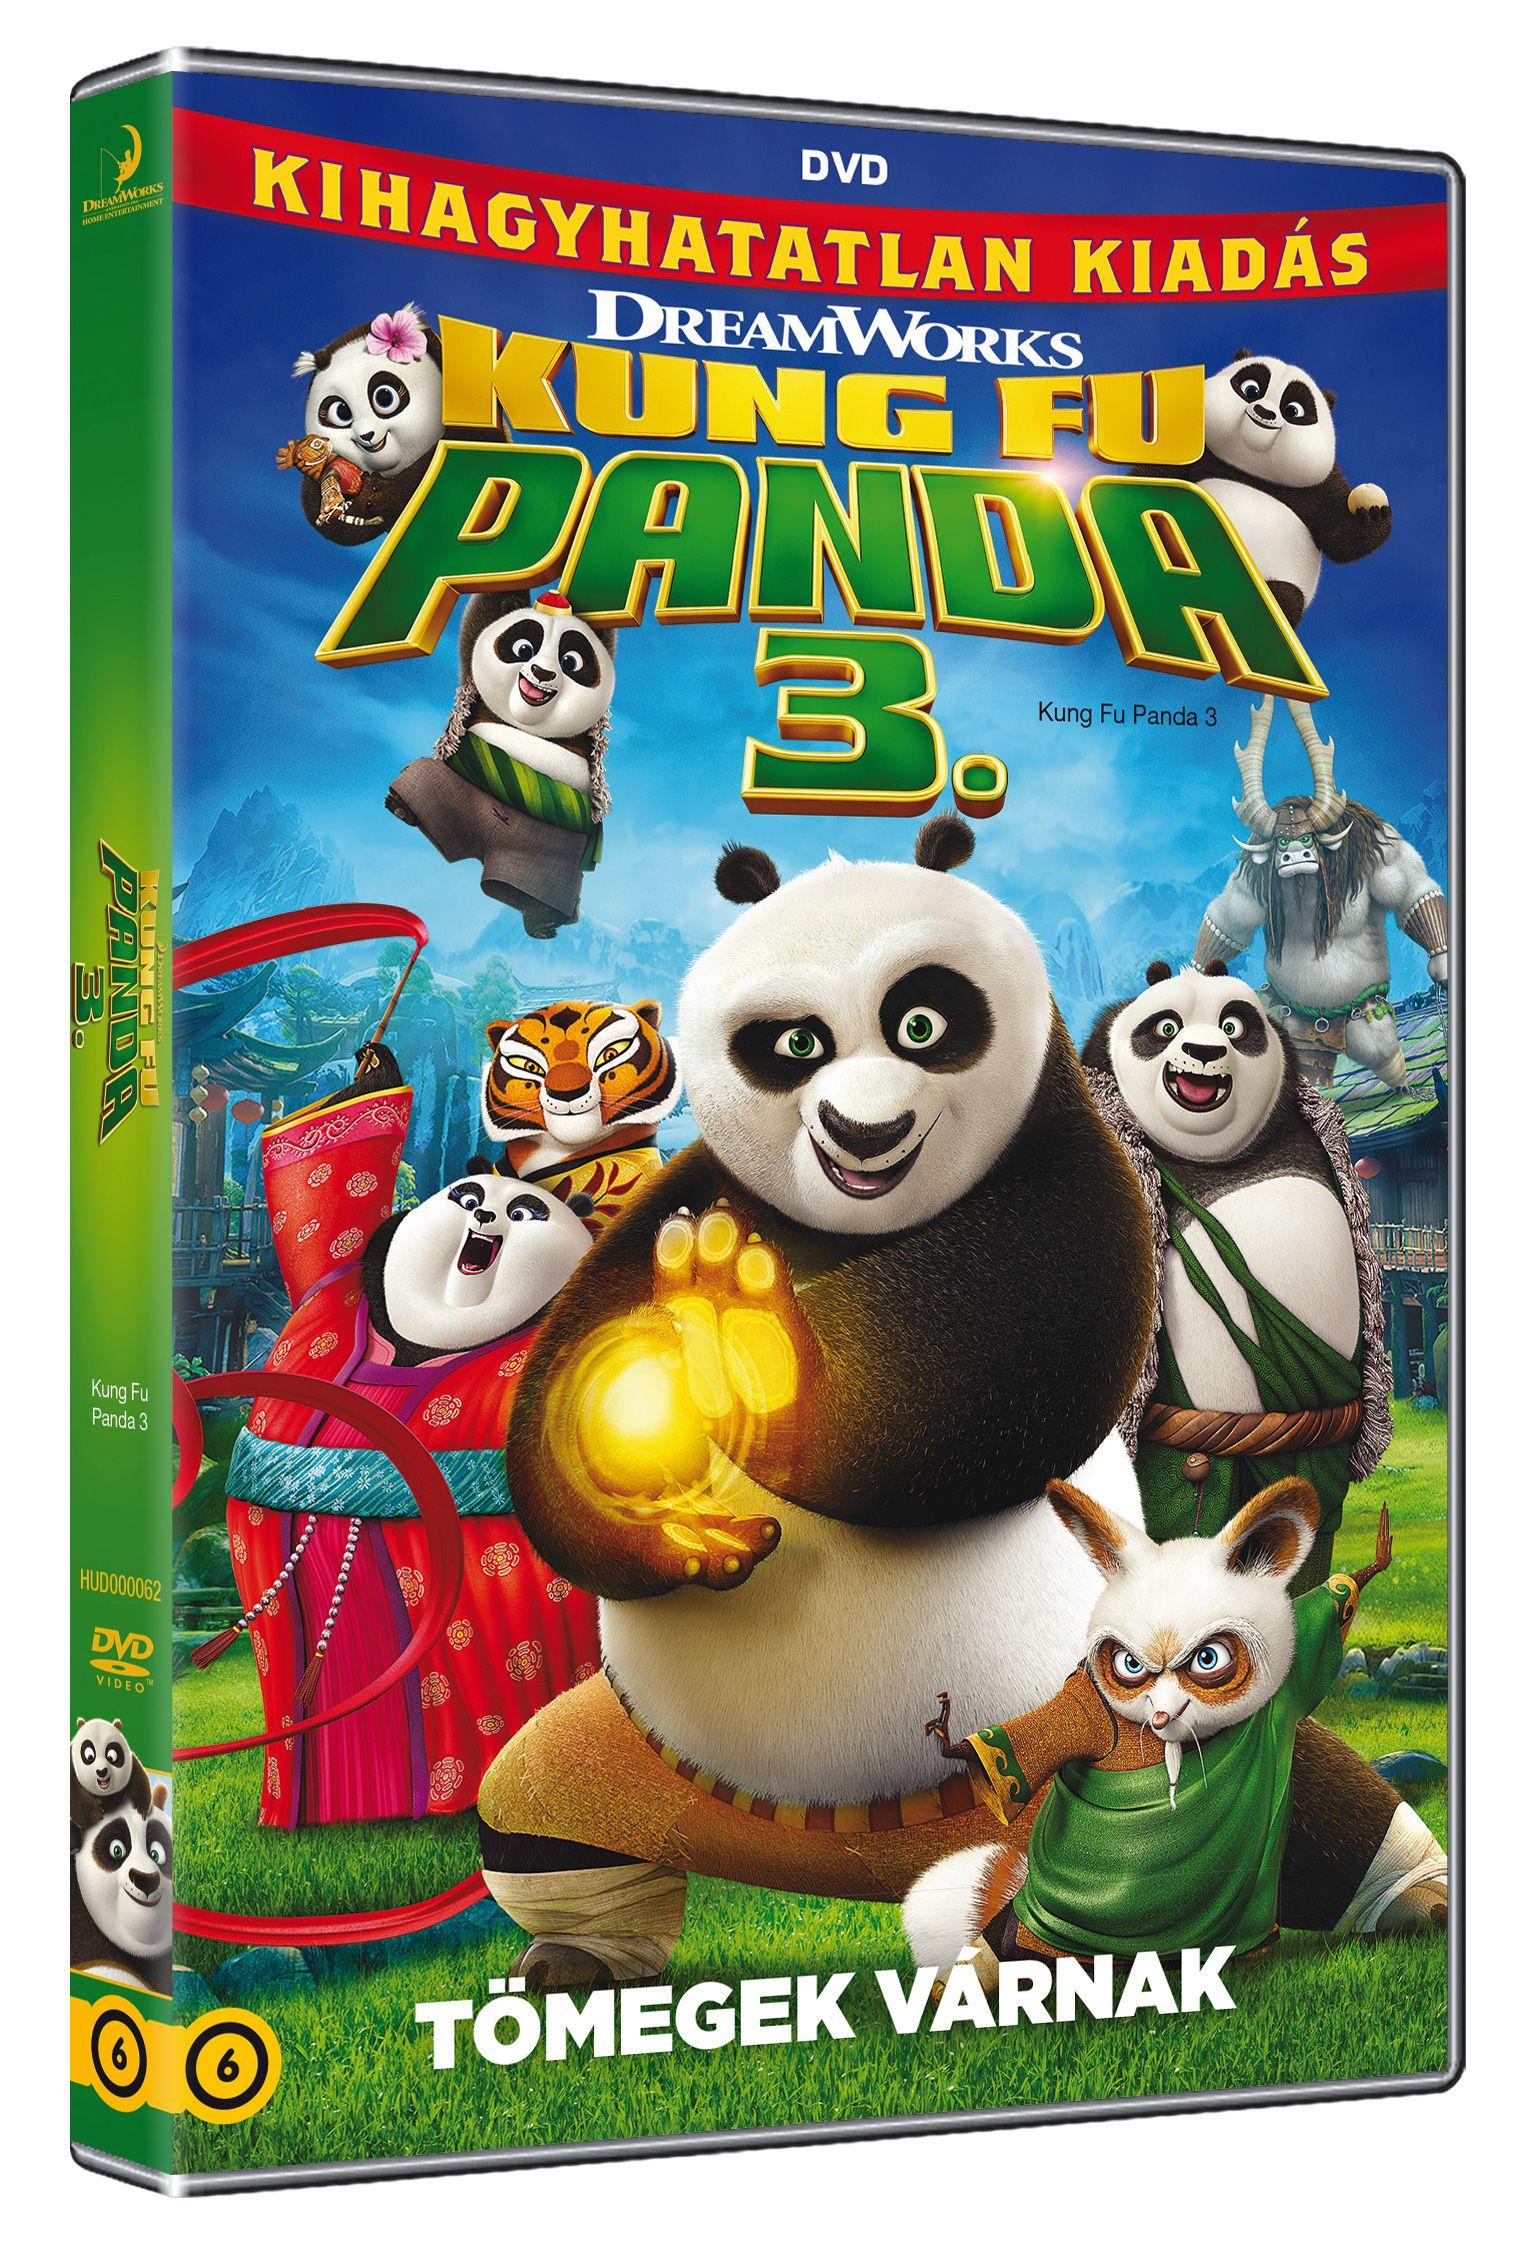 Kung Fu Panda 3. DVD